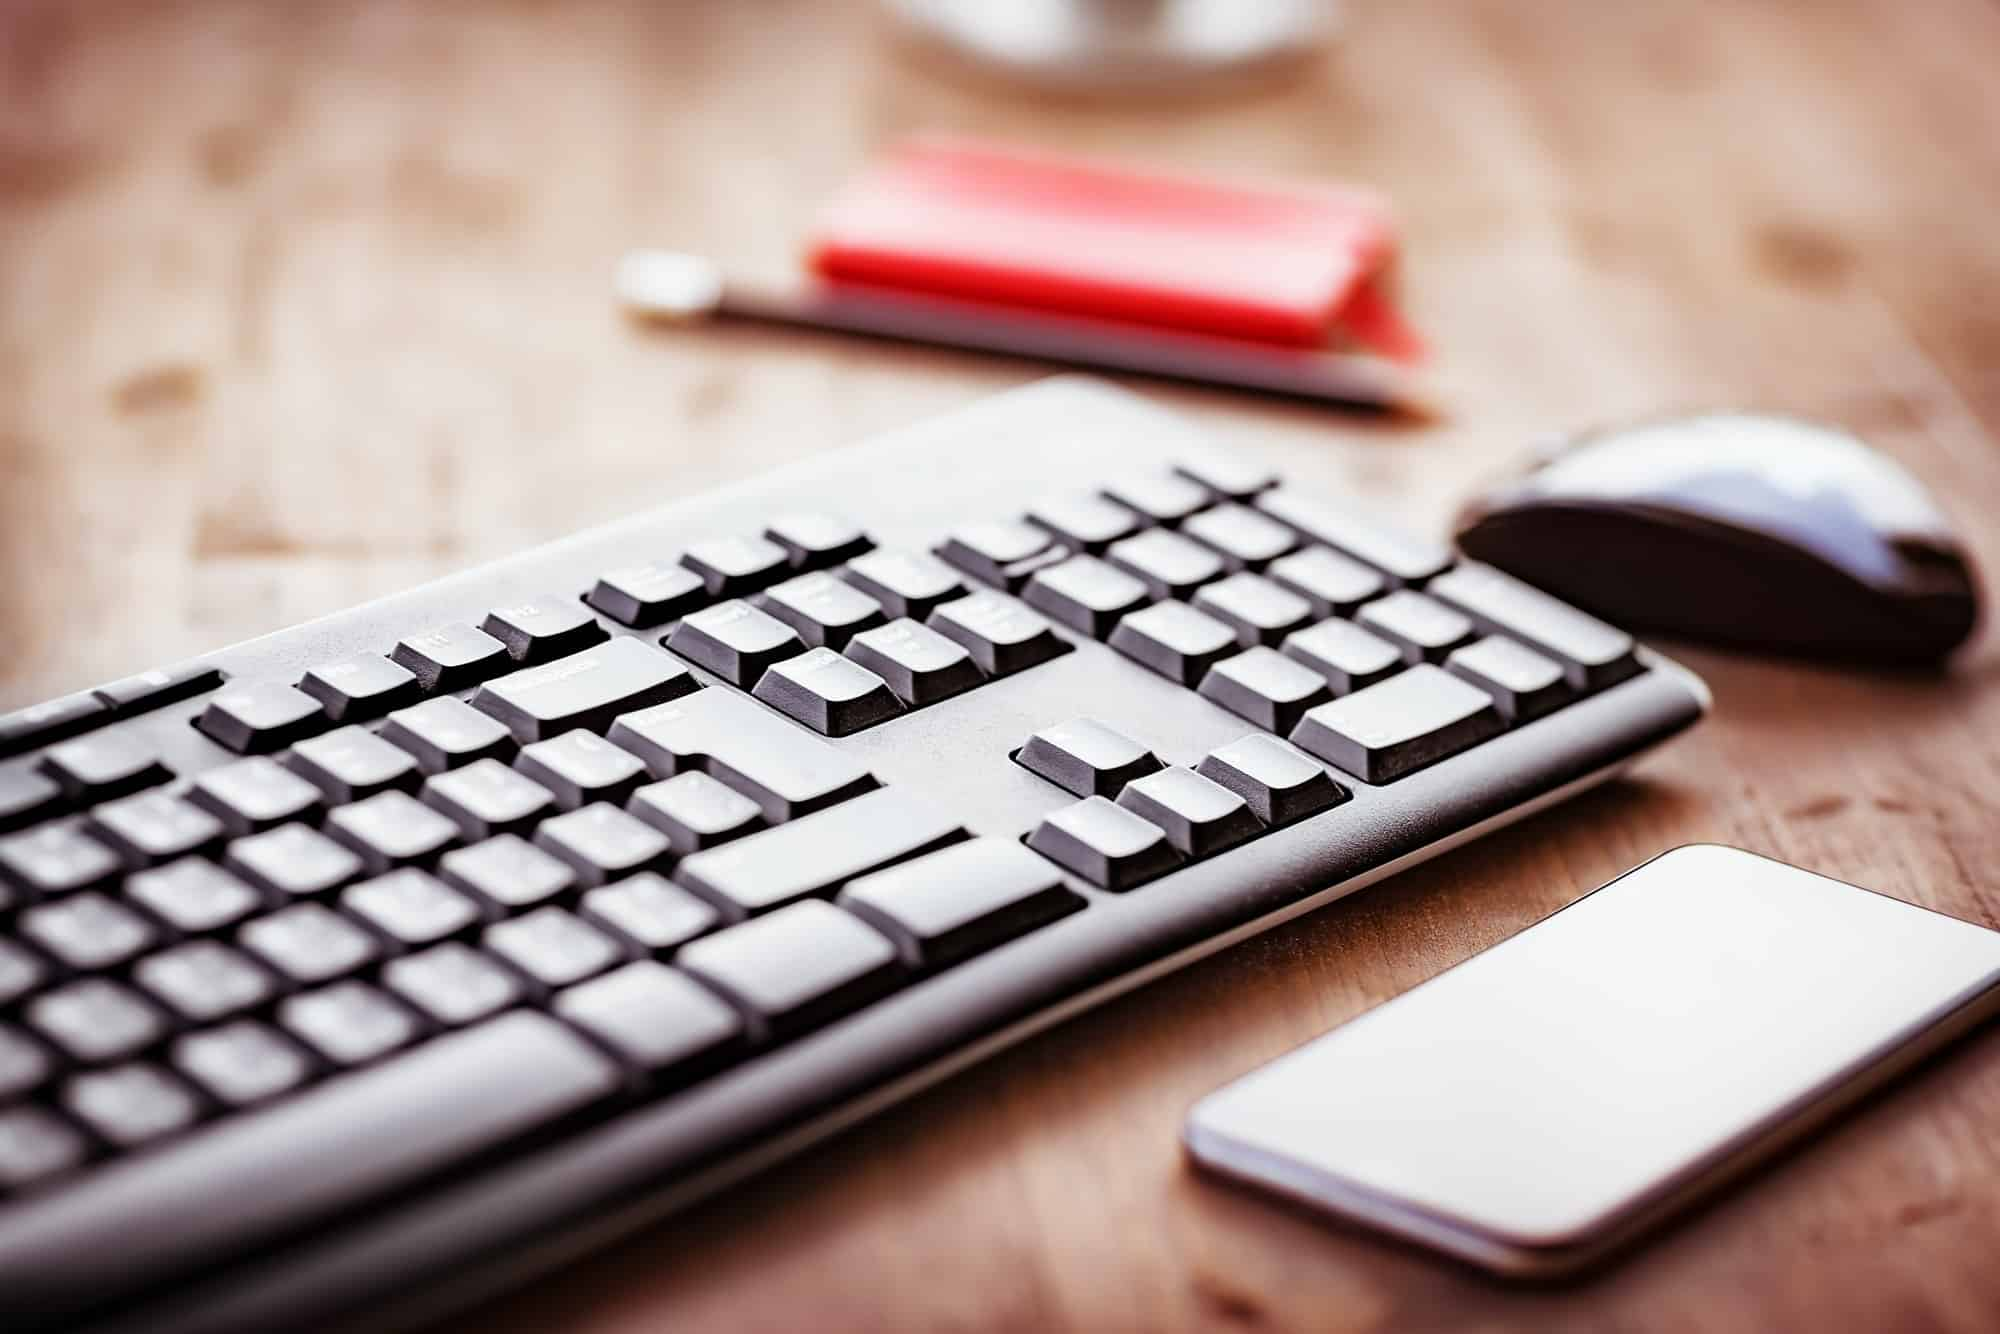 מחיקת חובות | עורך דין מחיקת חובות